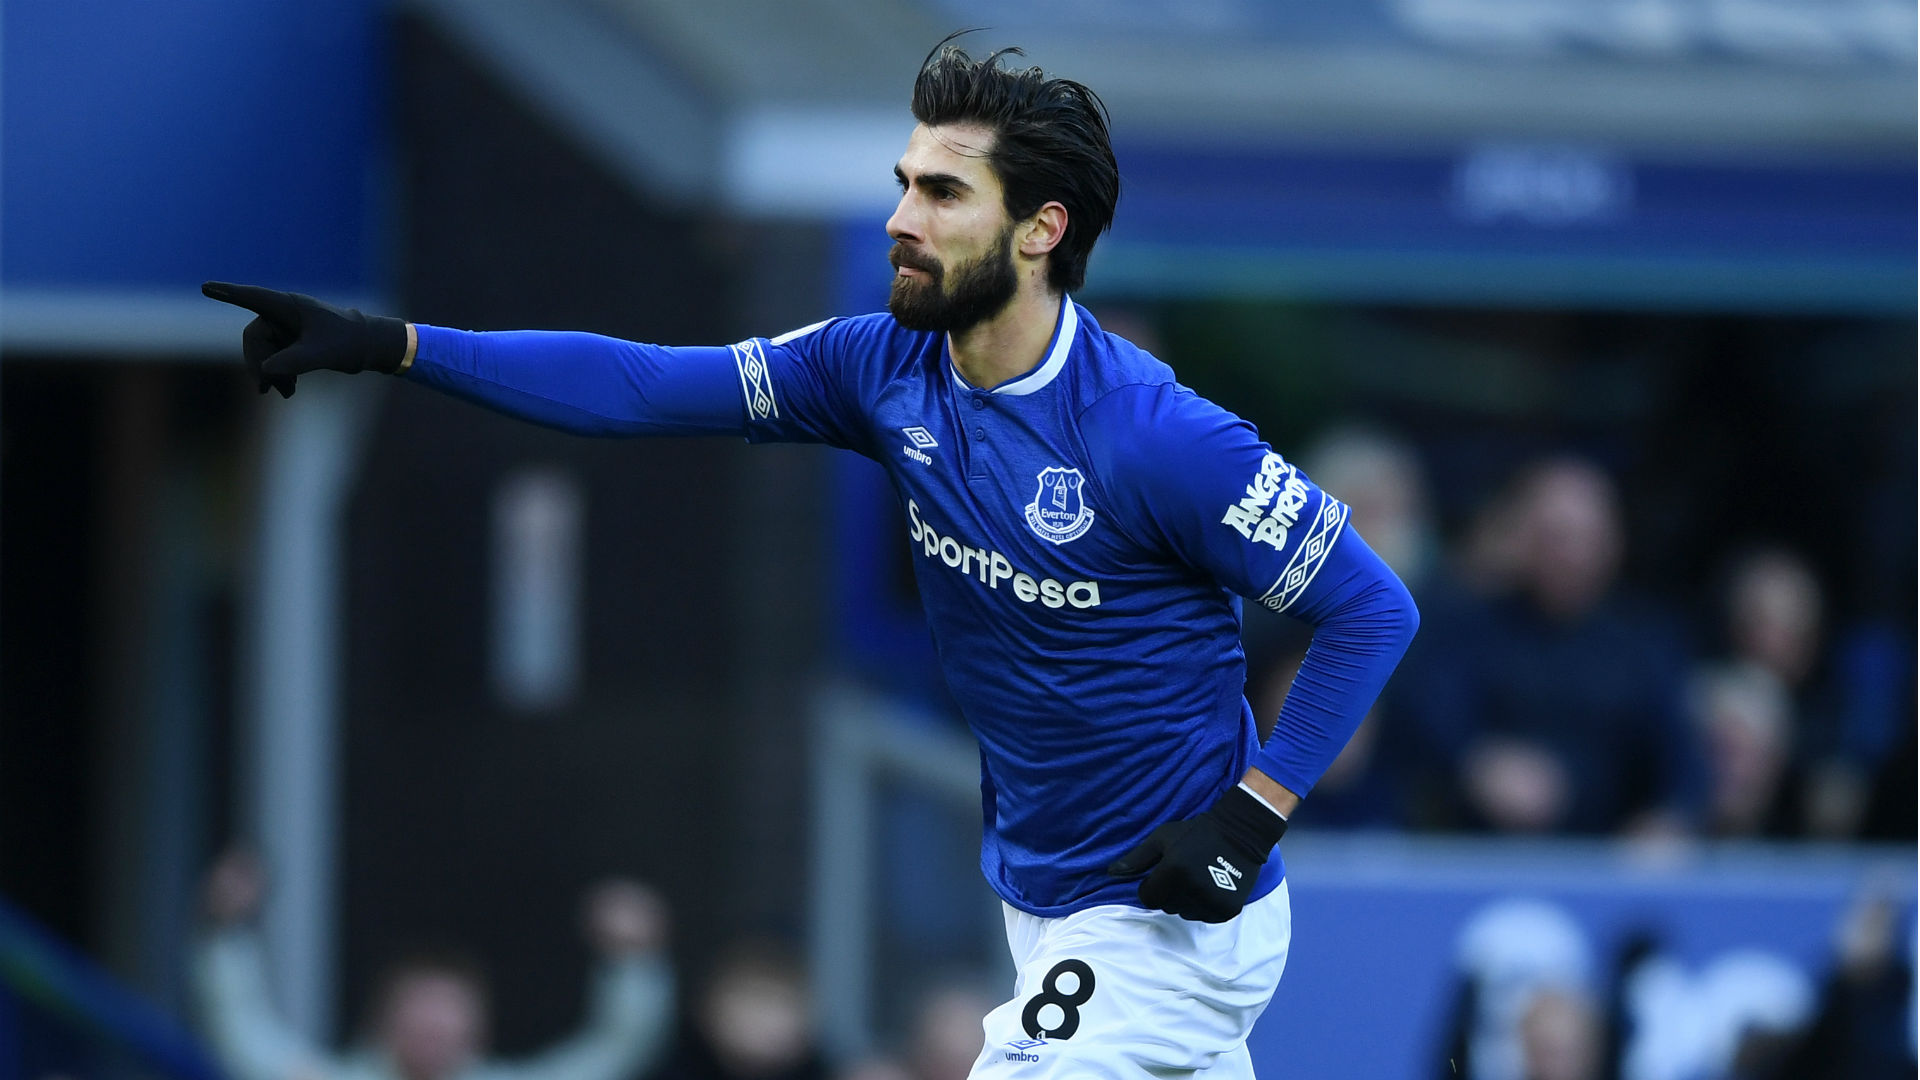 Gomes undecided over Everton future – Silva